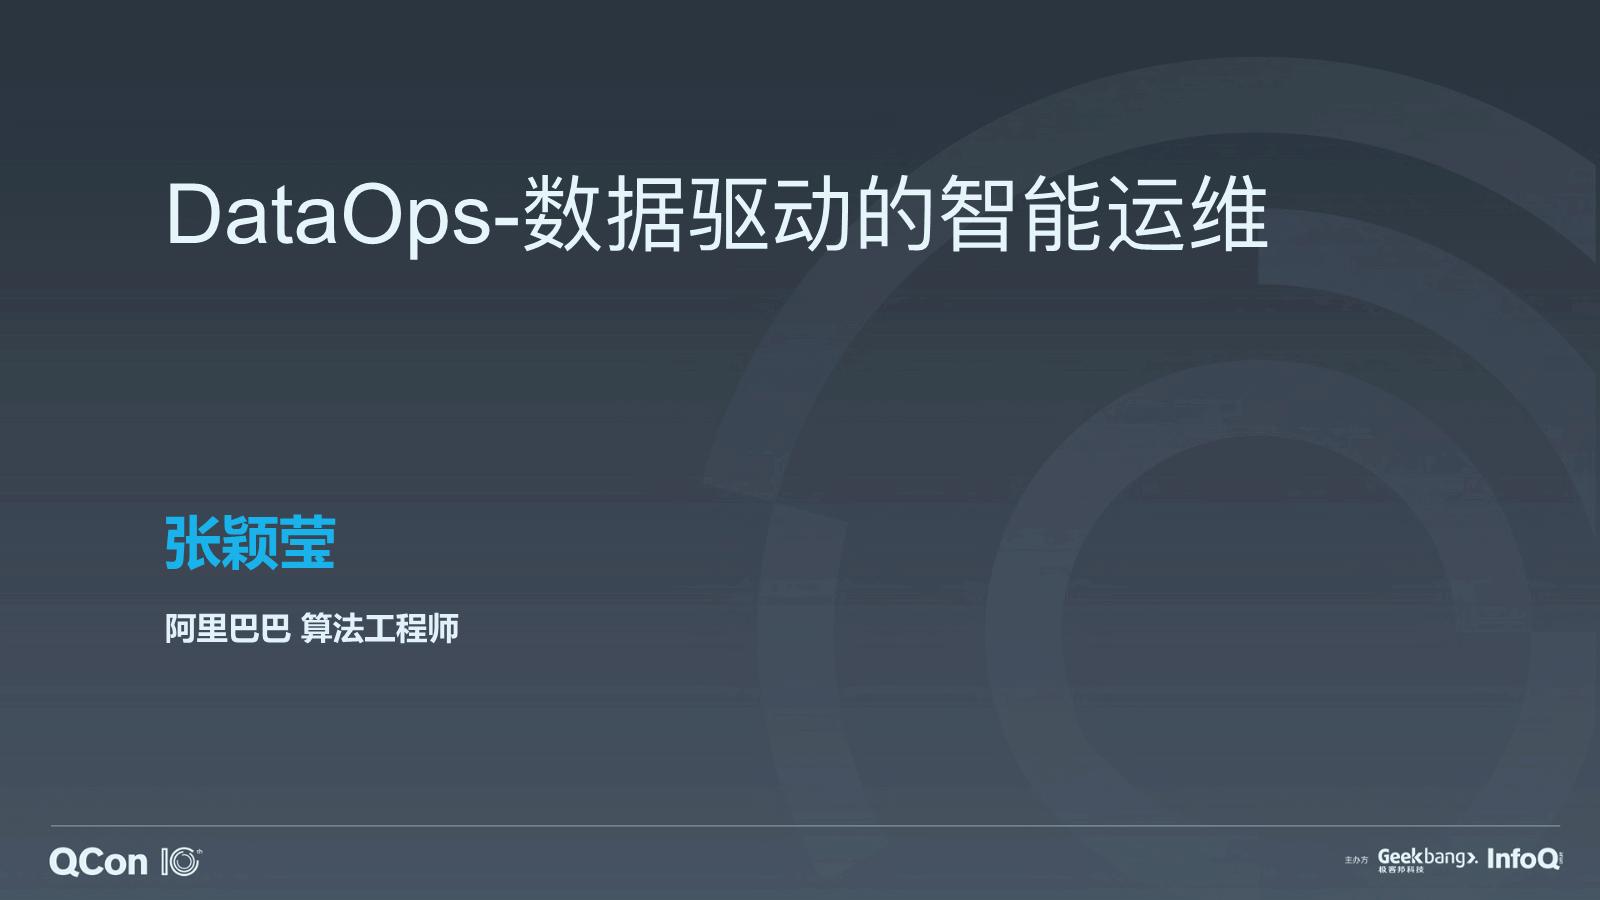 张颖莹-DataOps 数据驱动的智能运维